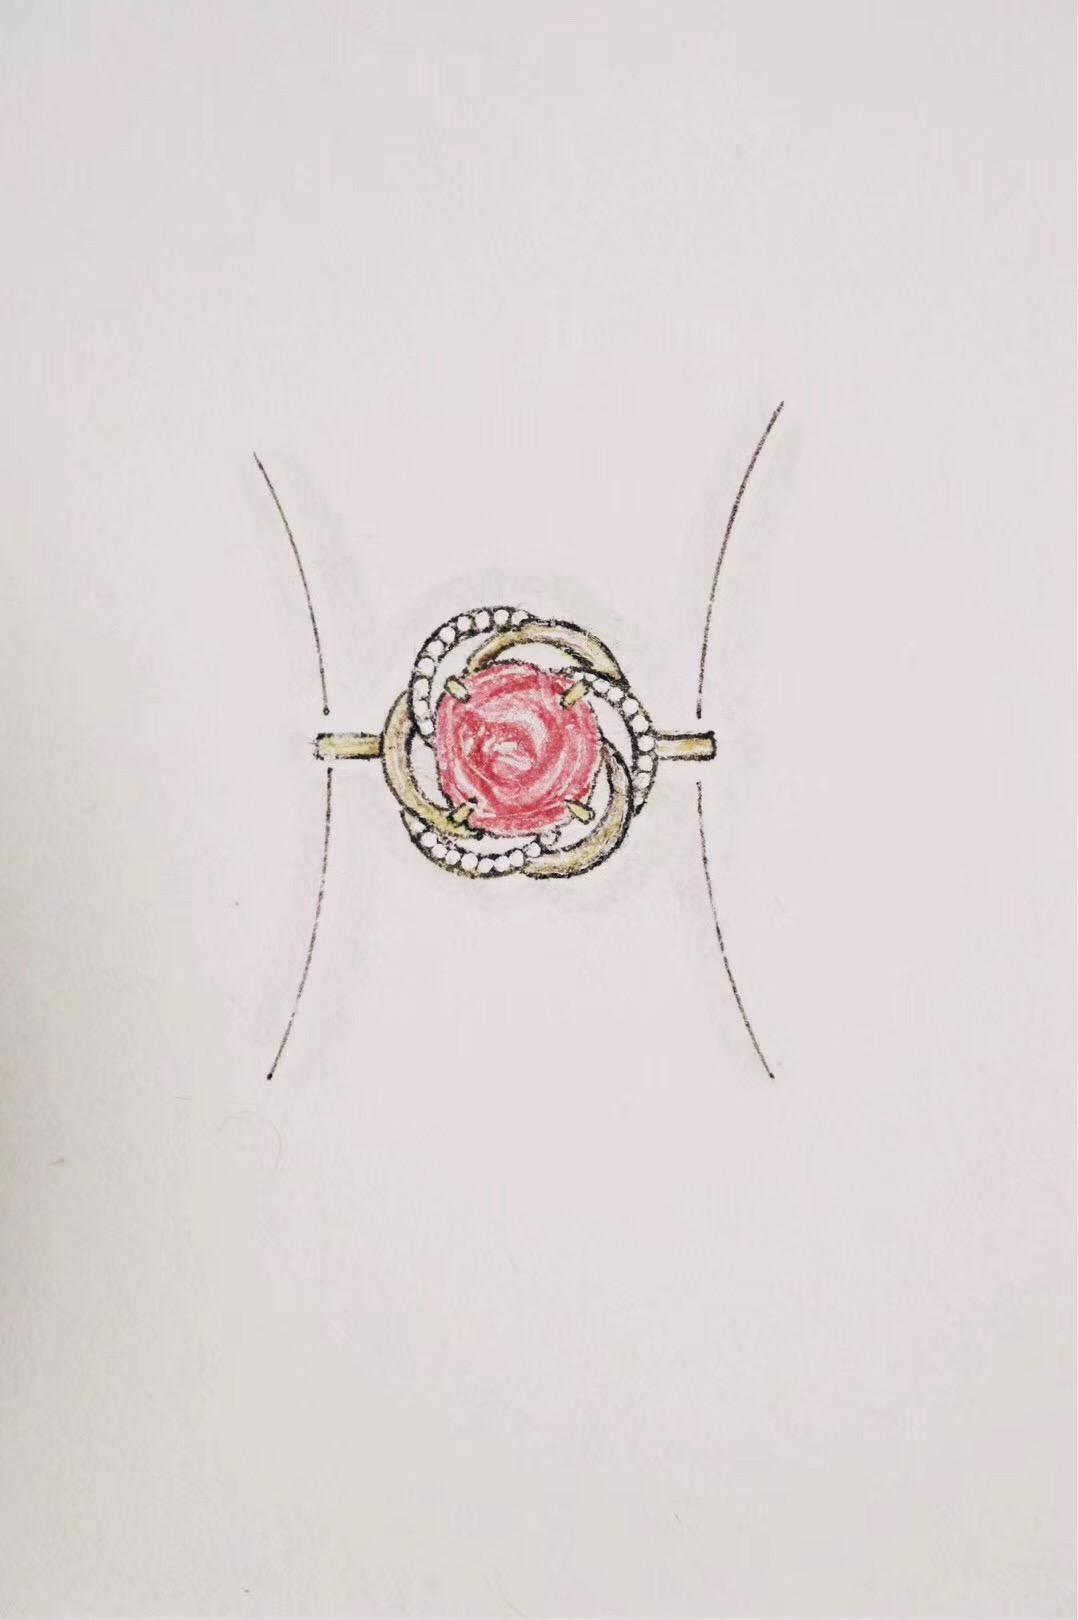 【菩心-碧玺&花开】那朵花开的正盛,犹如初春中的一缕清风-菩心晶舍